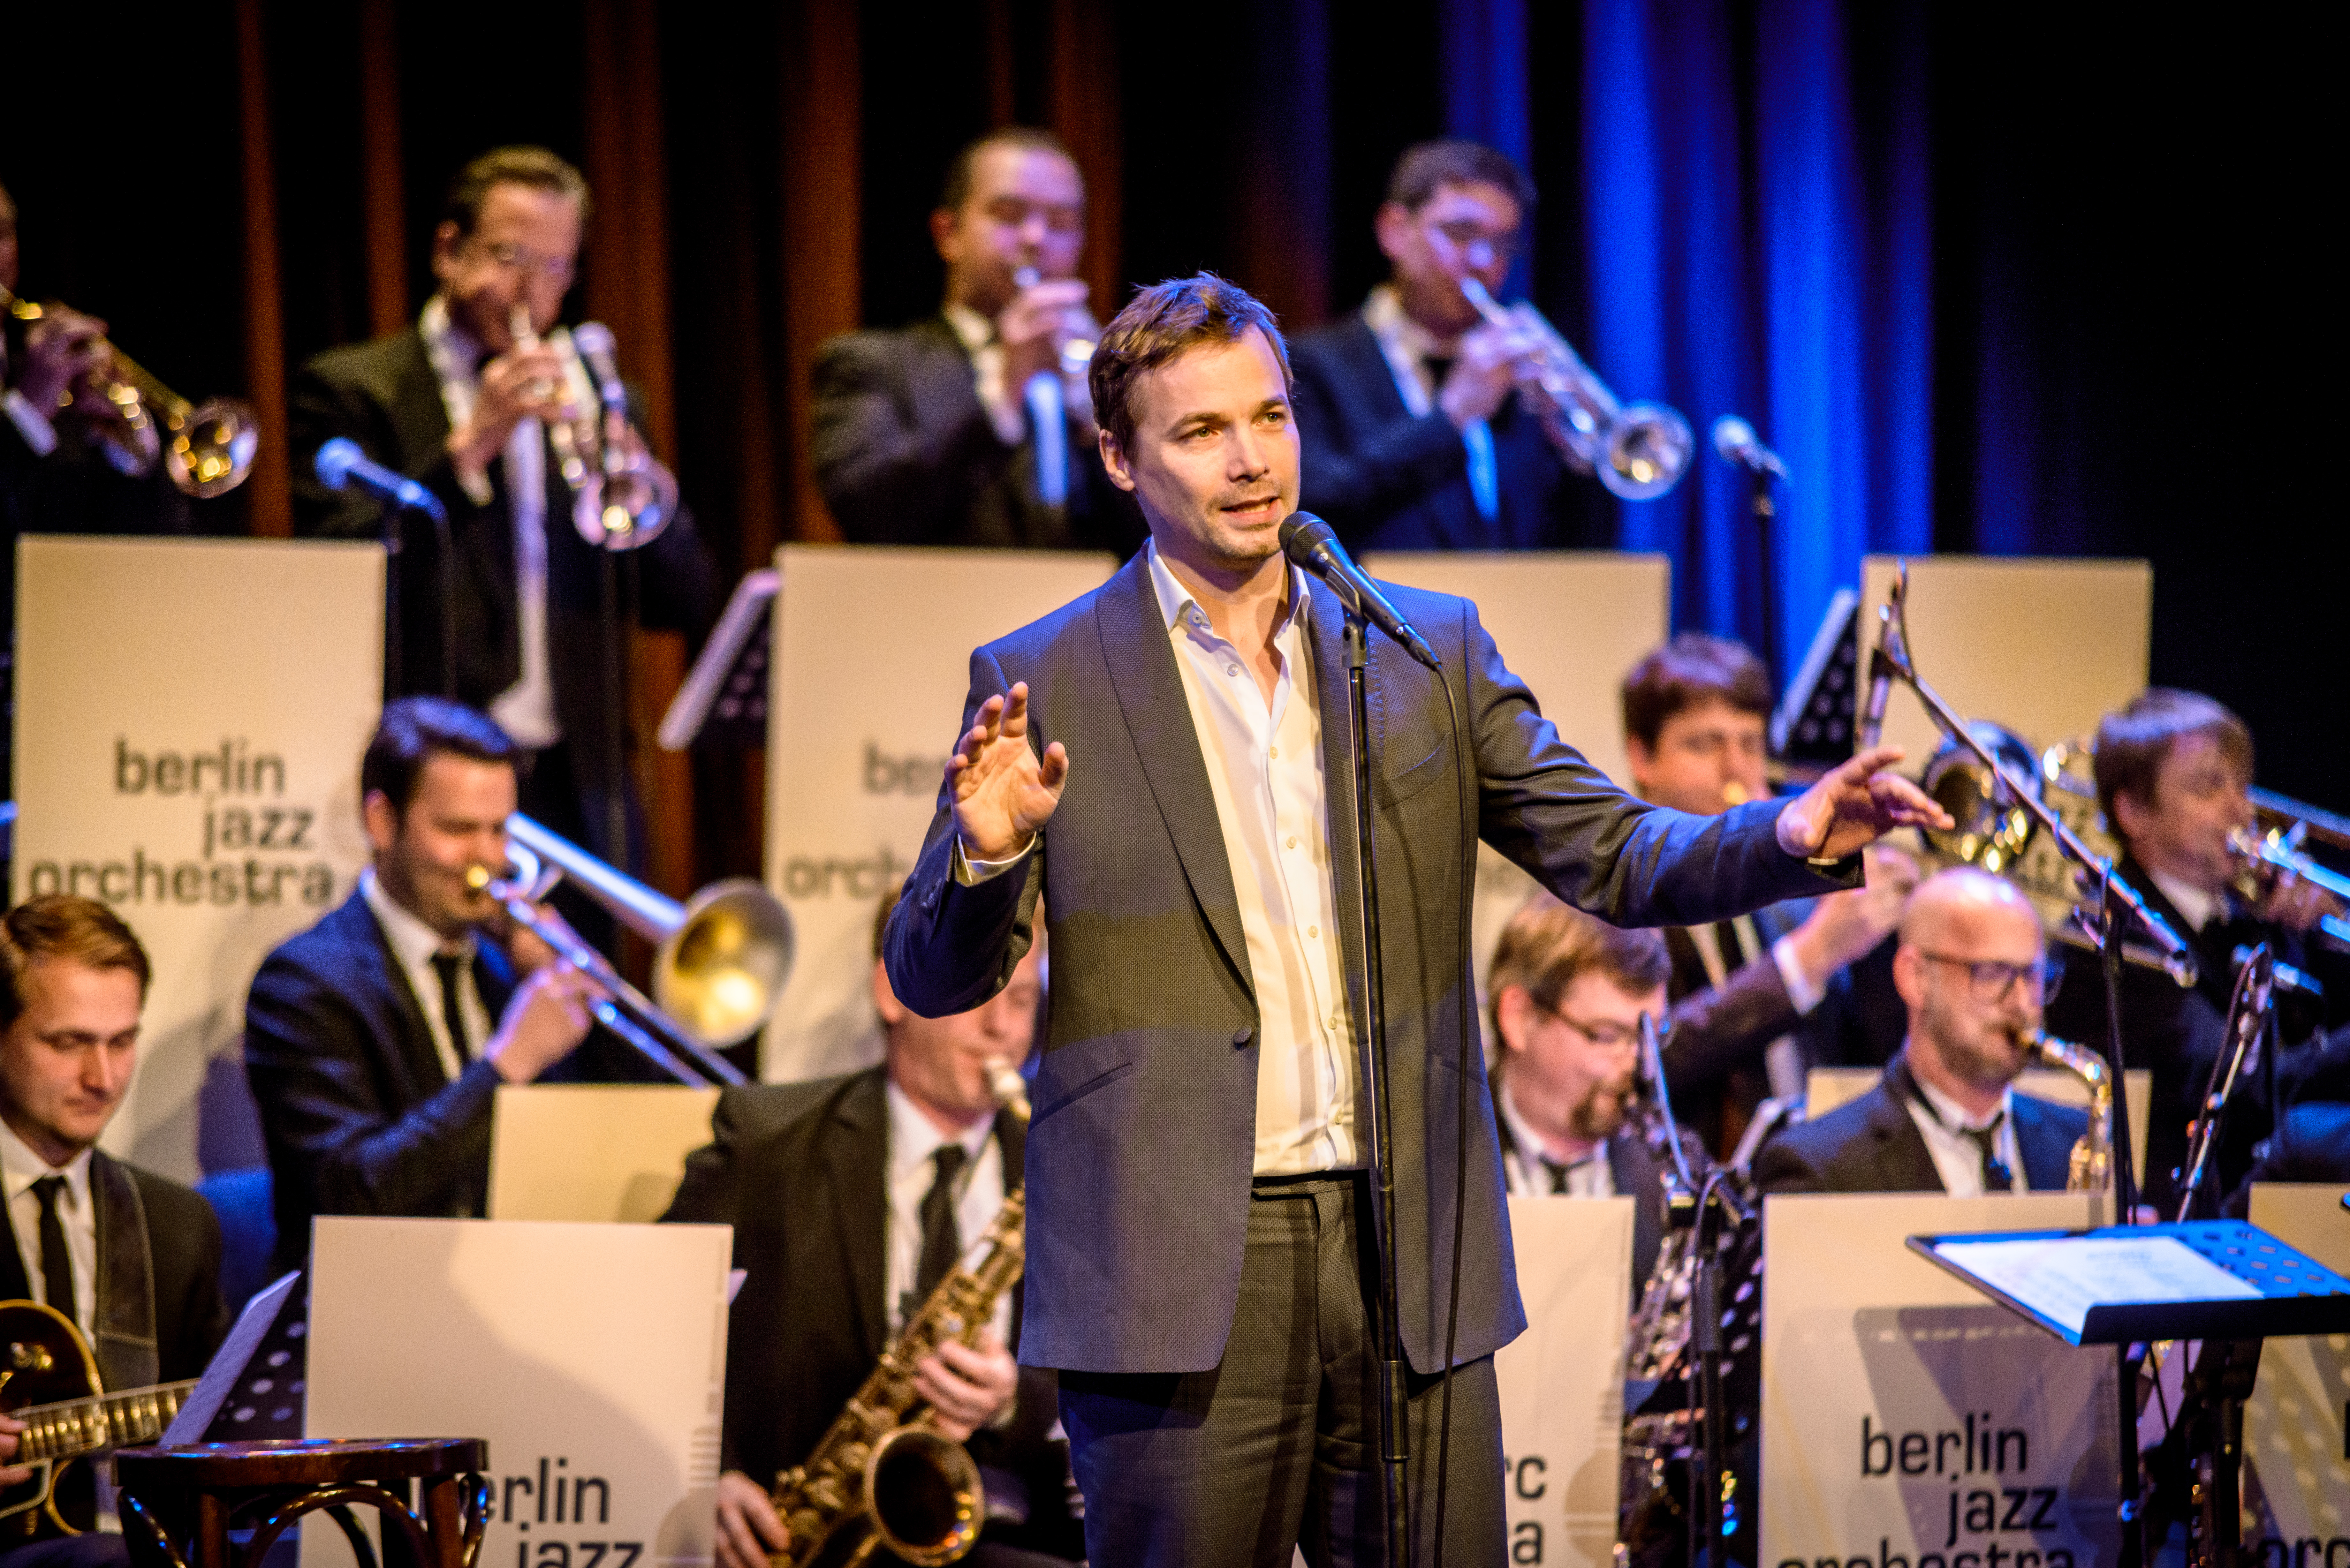 Marc Secara & Orchester